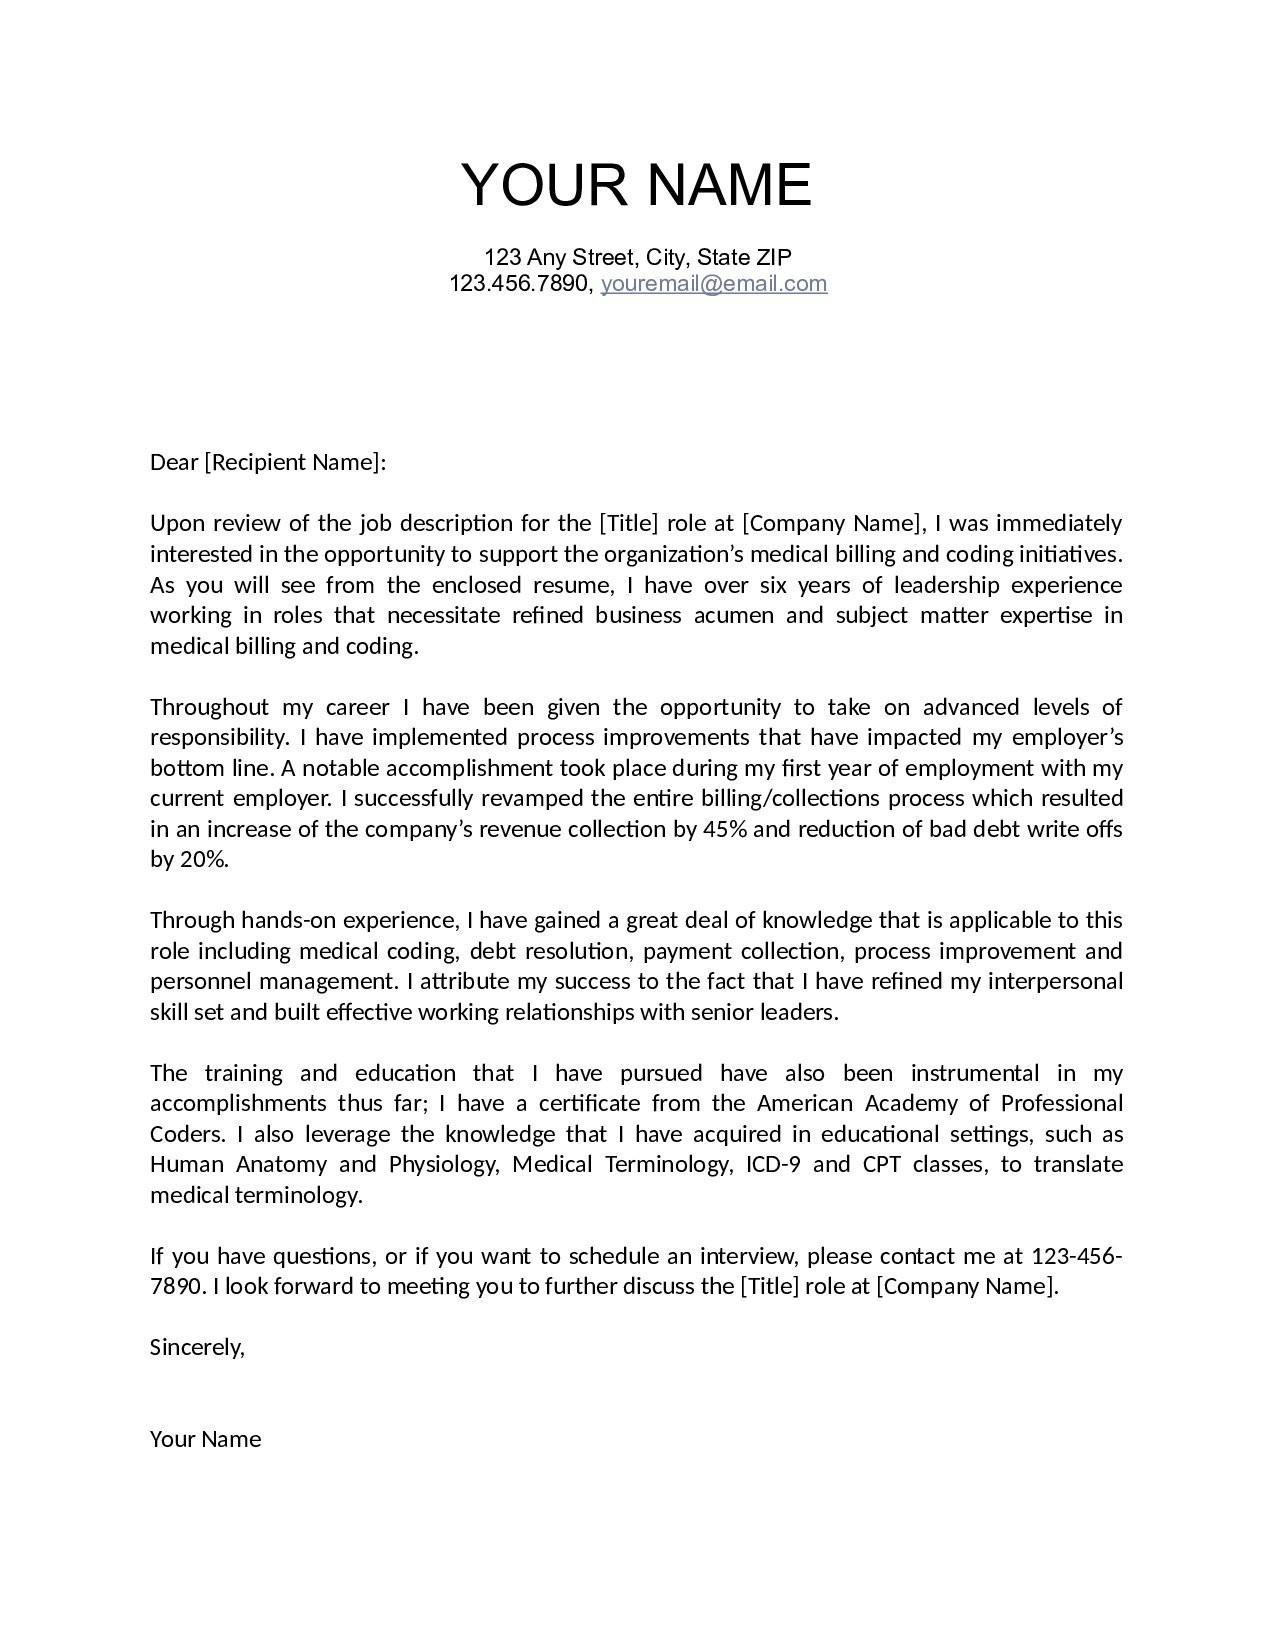 Job Letter Template - Letter Interest for Job New Cover Letter Examples for Internship